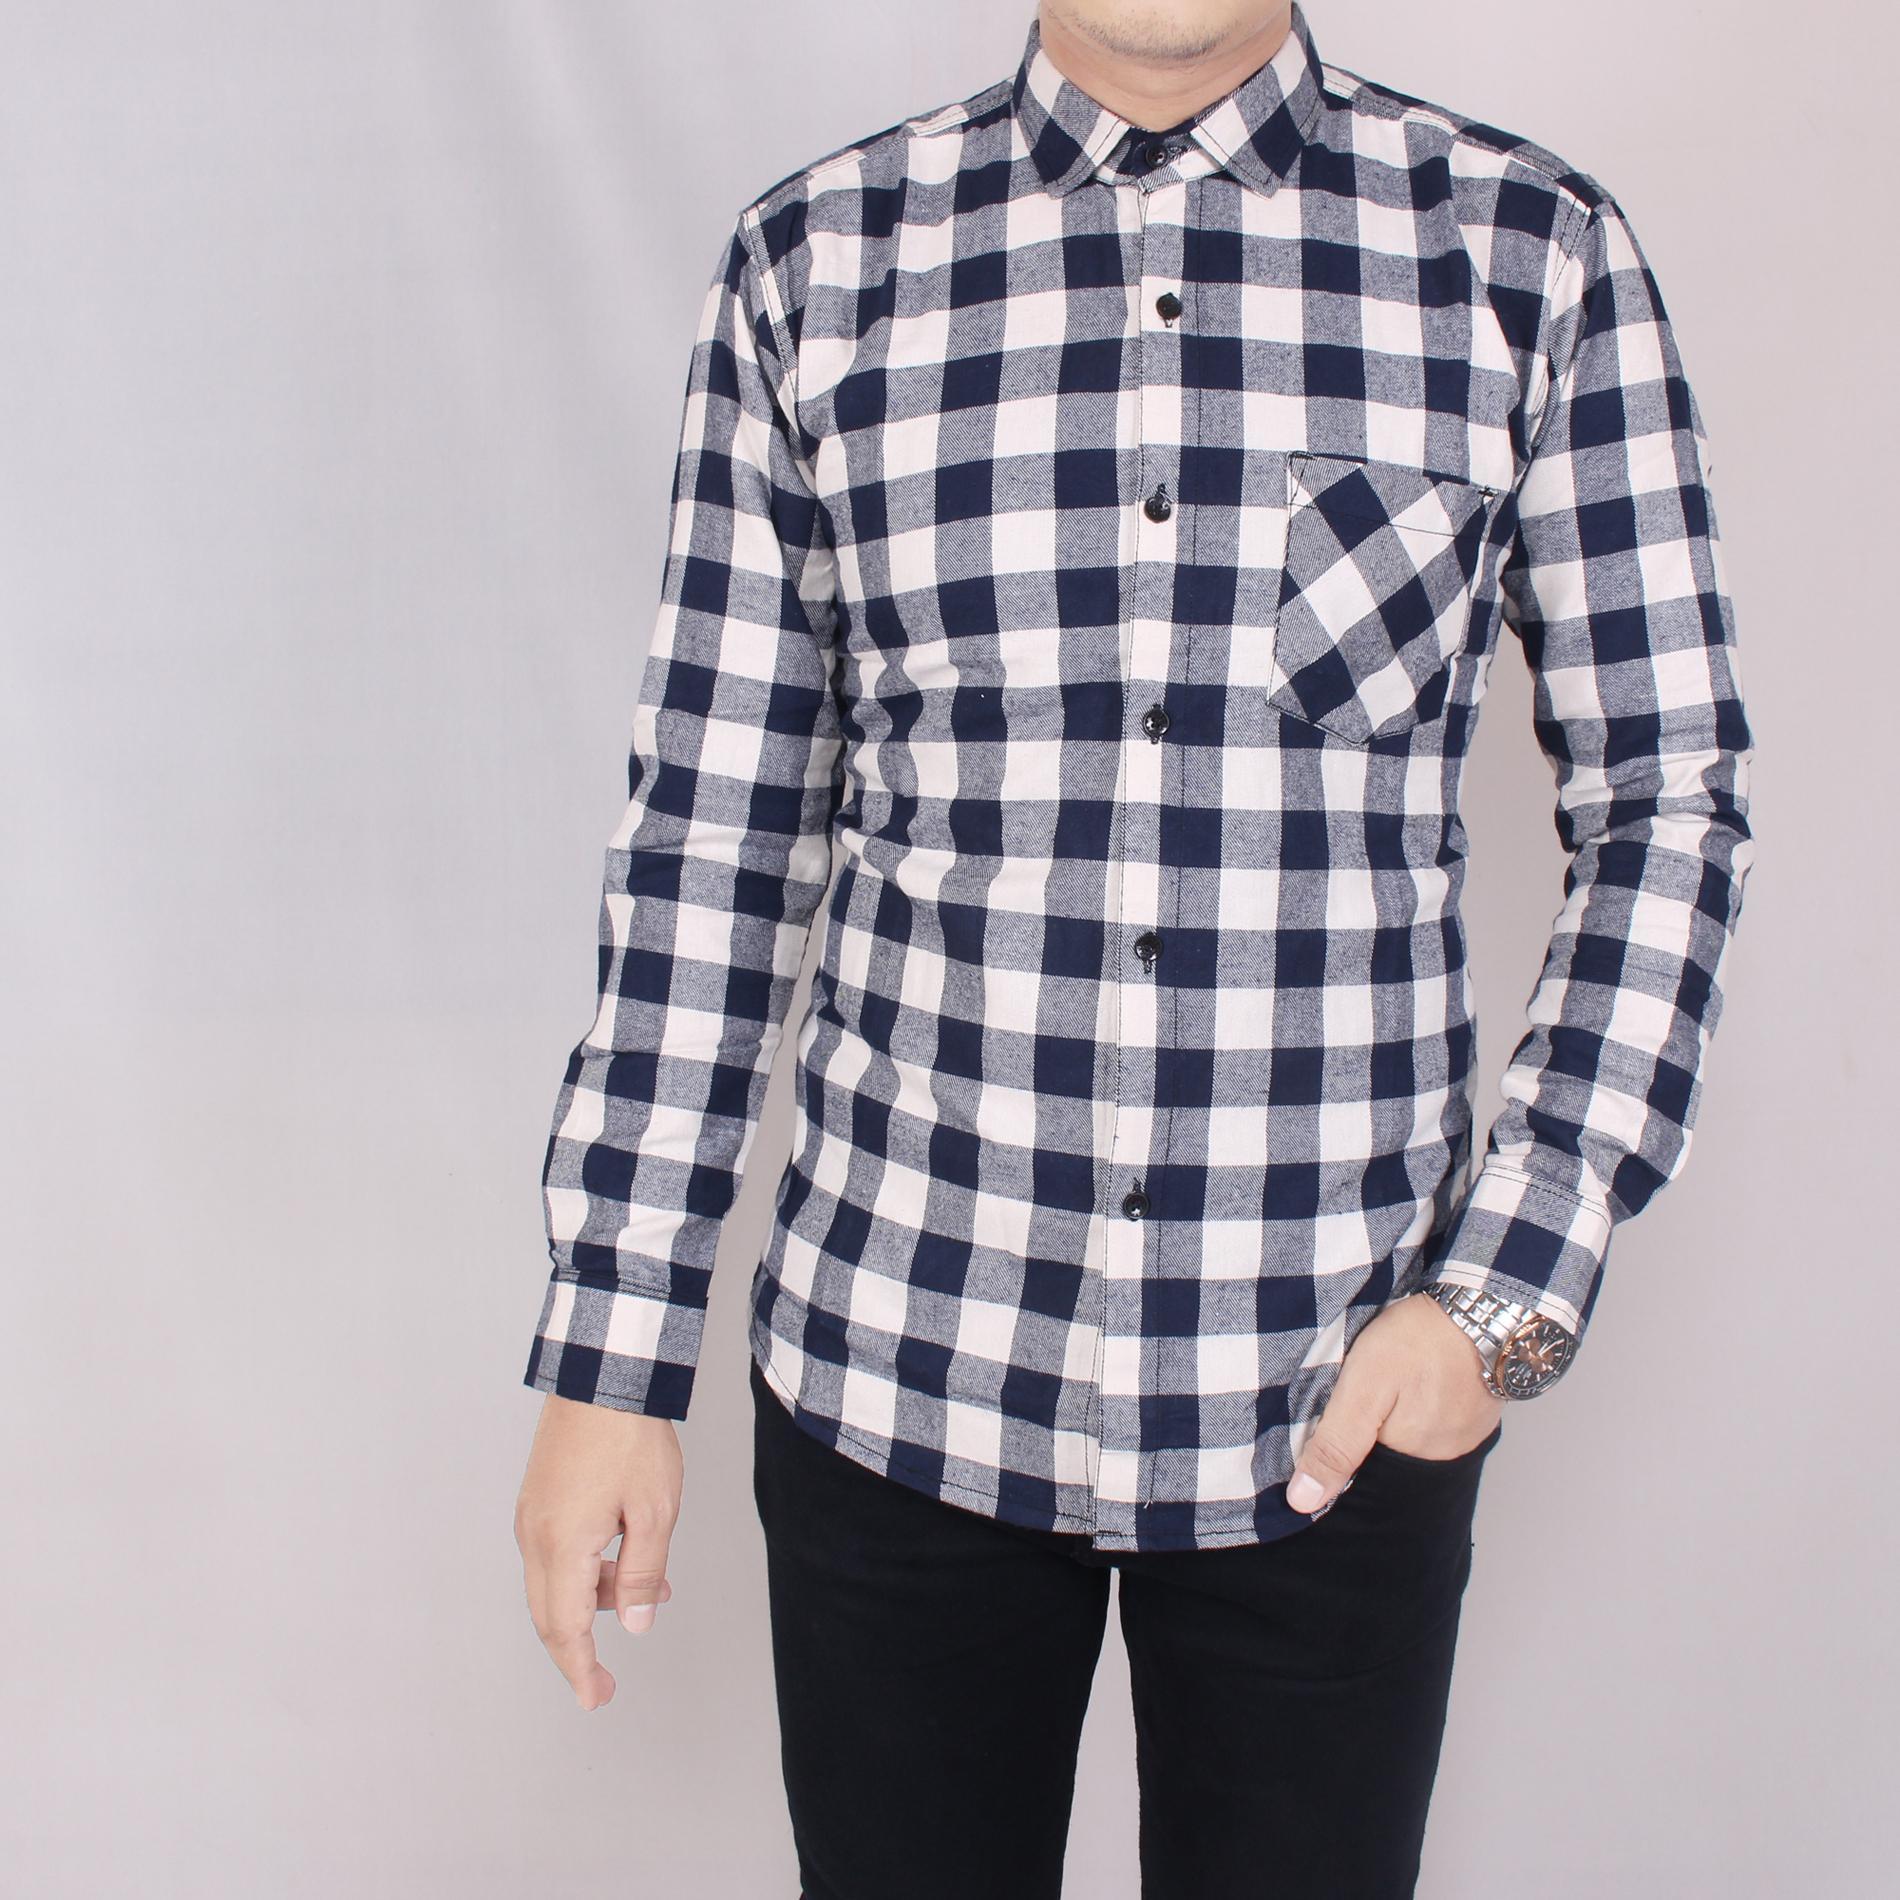 Zoeystore 5709 Kemeja Flanel Pria Lengan Pendek Exclusive Baju Kemeja Flannel Cowok Kerja Kantoran Formal Kemeja Distro Putih Kotak Navy